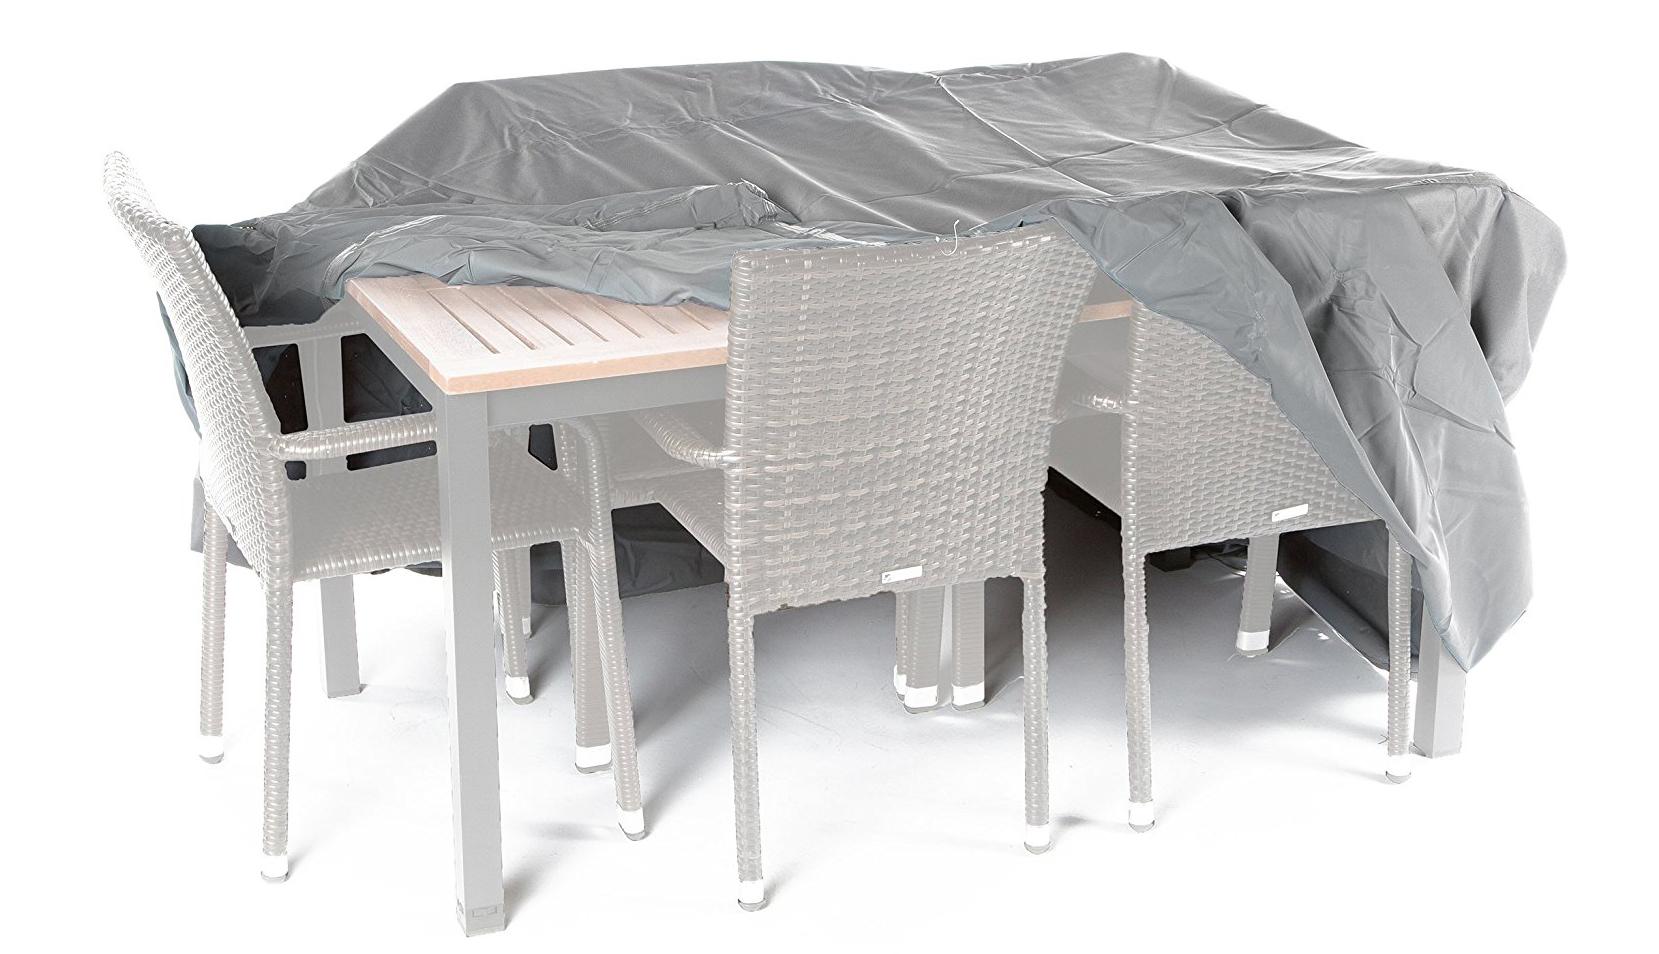 Fundas para muebles de jard n las mejores ofertas del 2019 for Fundas para sillas de jardin